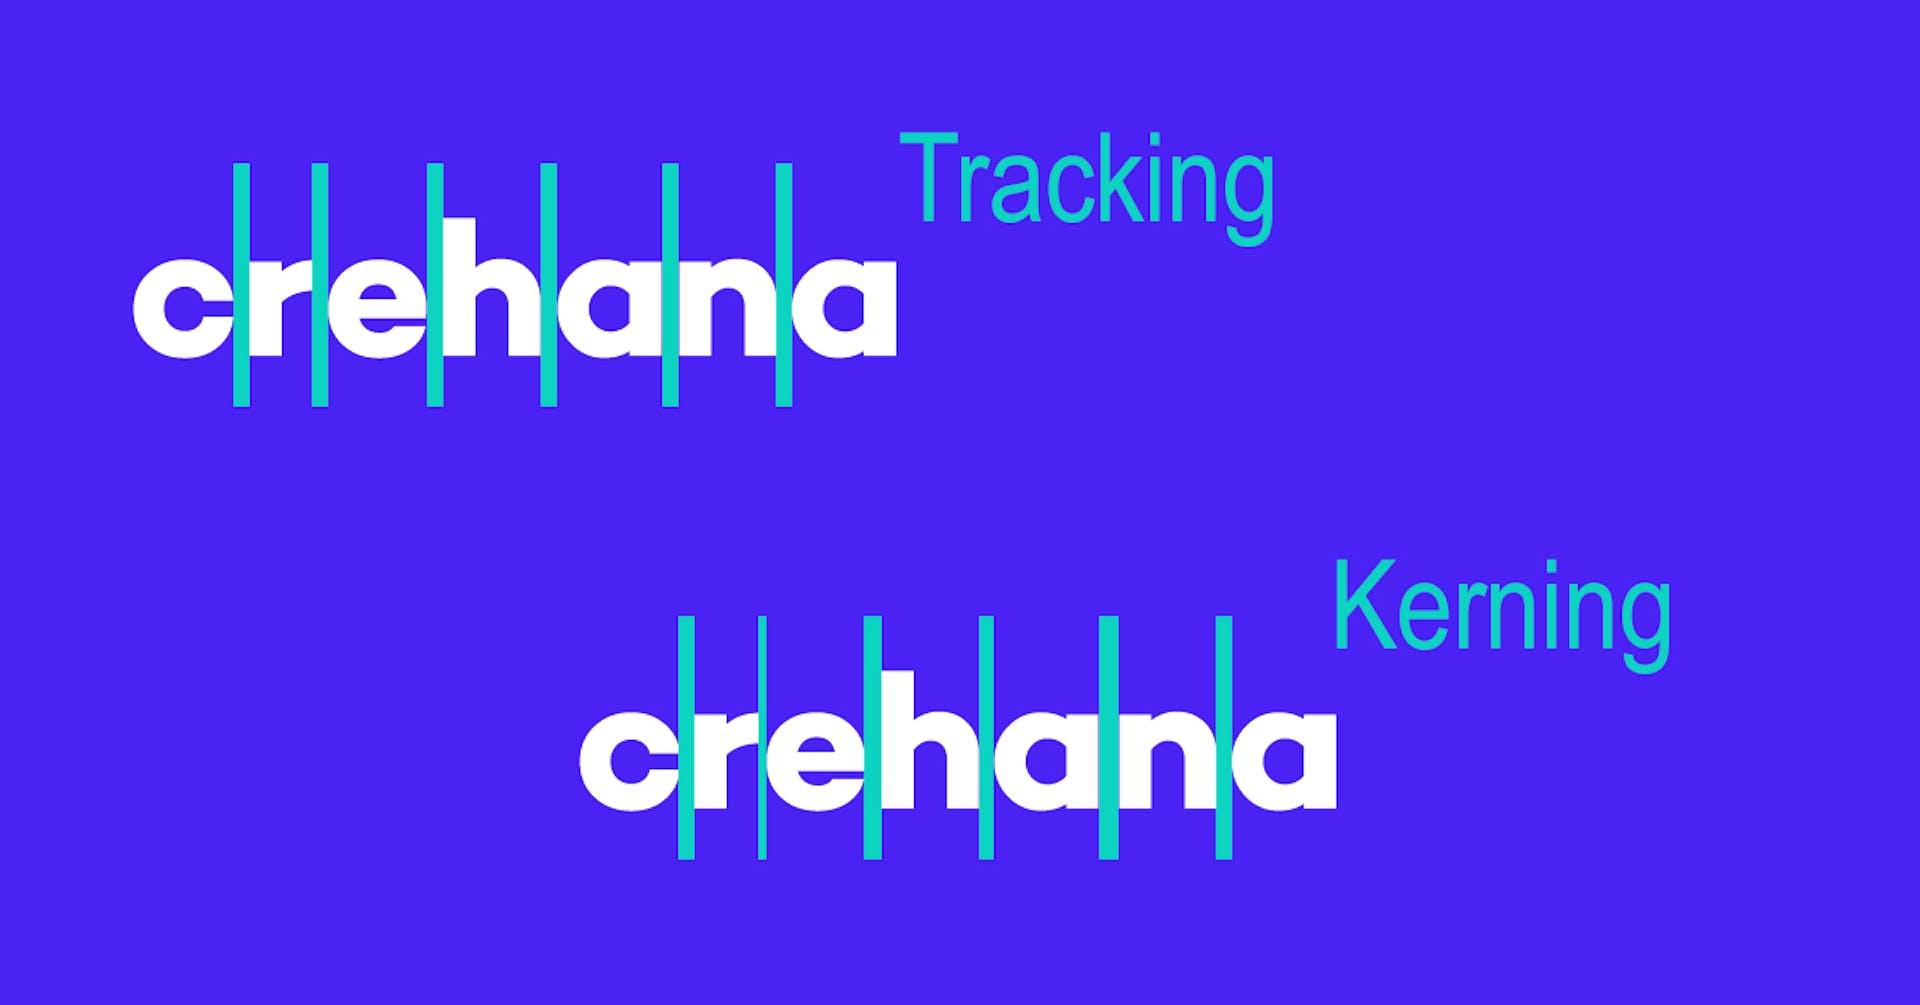 Kerning y tracking: ¿qué son y por qué deberías aprenderlos para hacer diseño de letras?